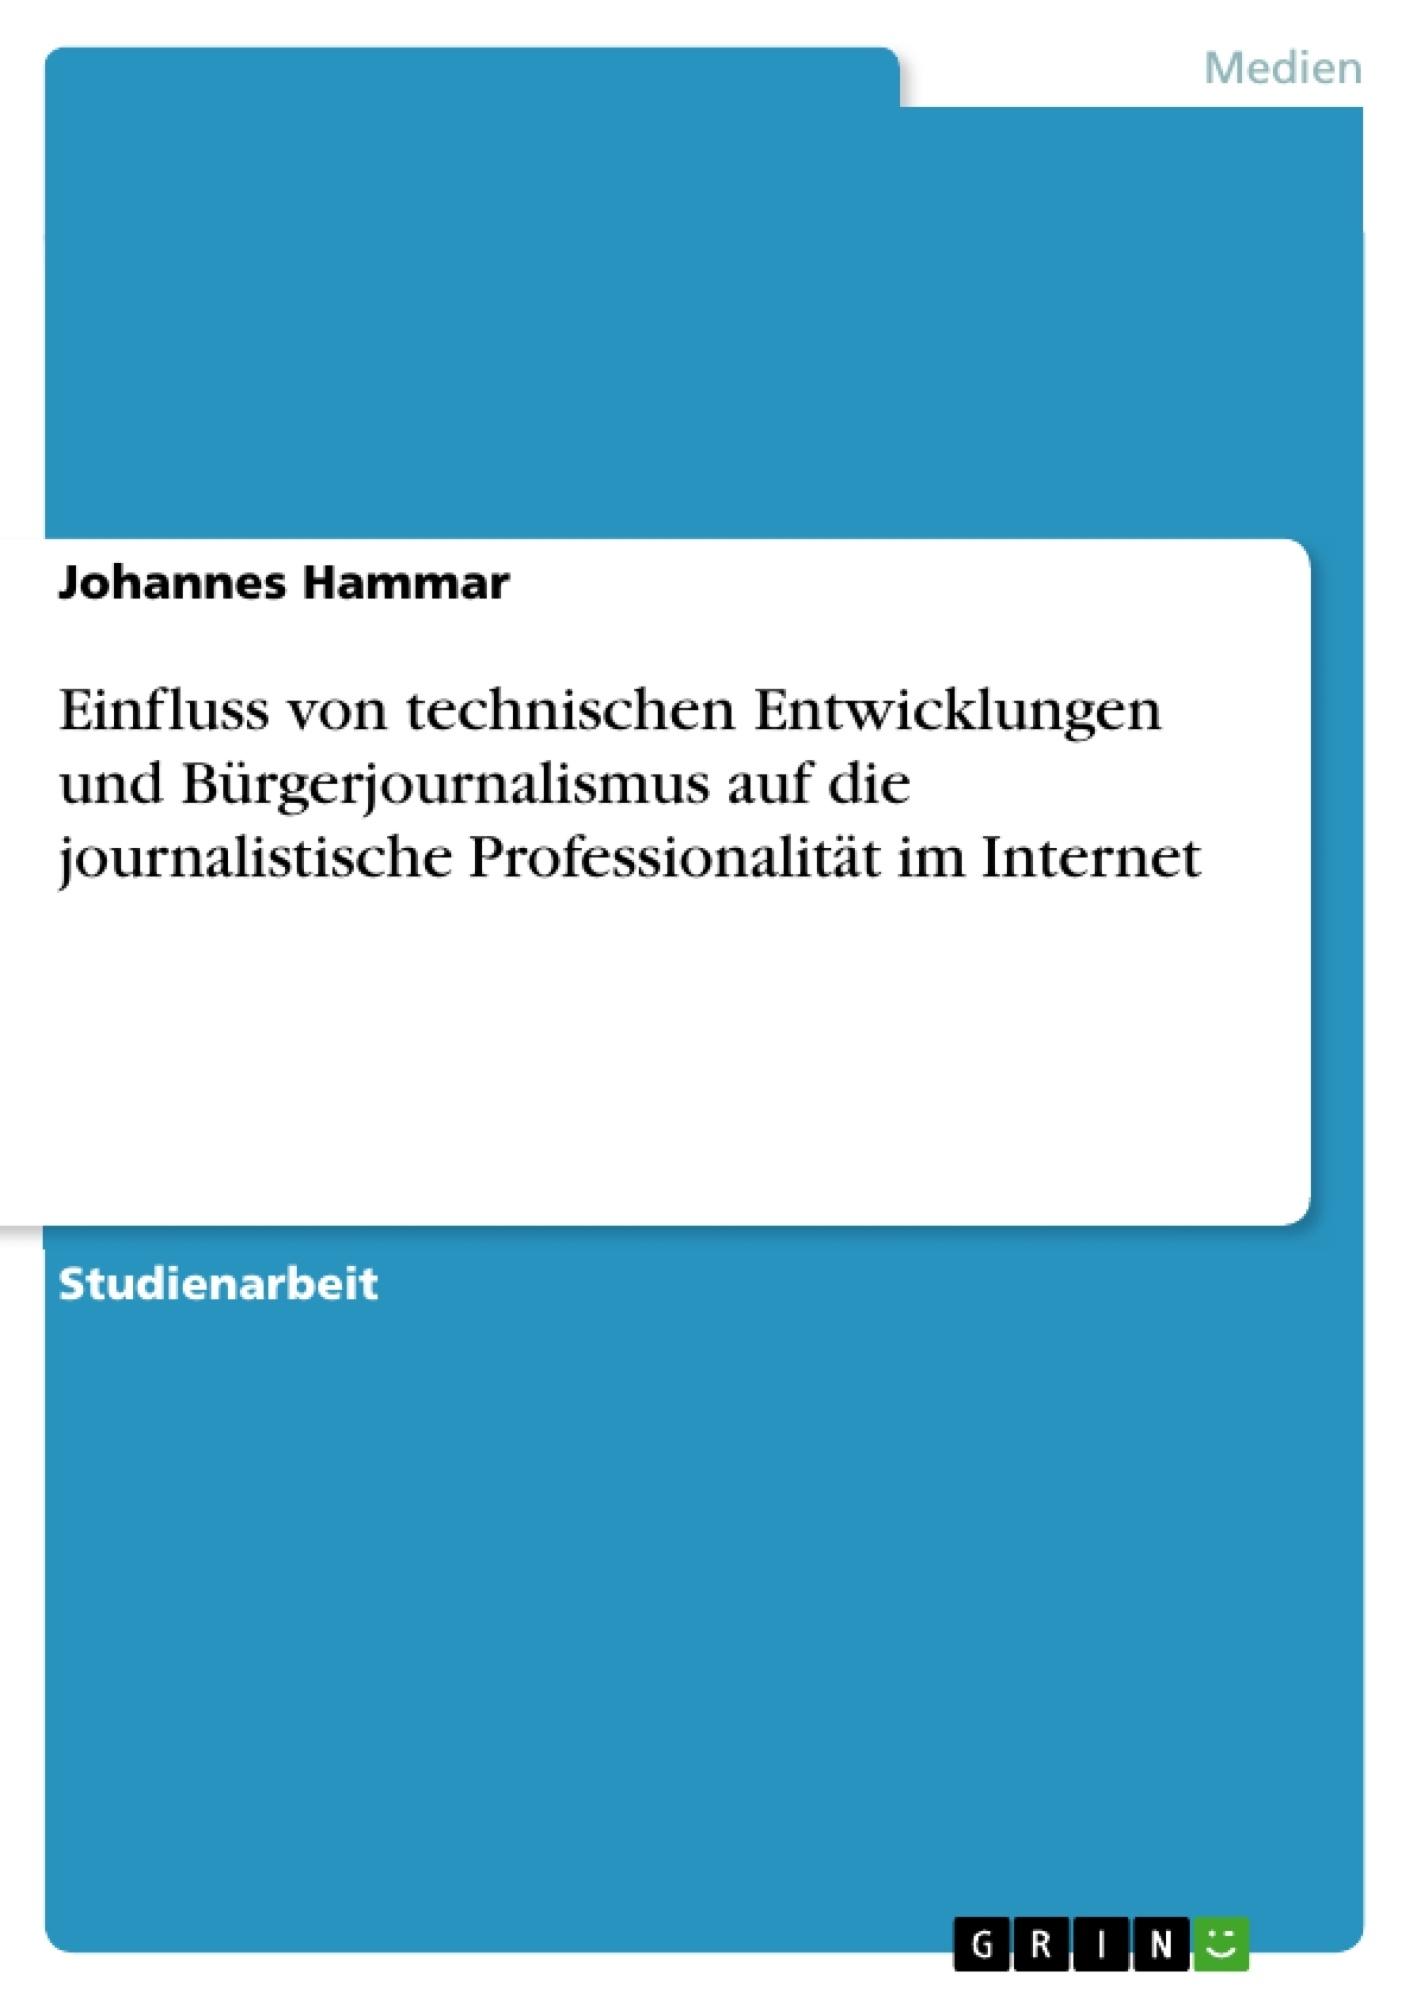 Titel: Einfluss von technischen Entwicklungen und Bürgerjournalismus auf die journalistische Professionalität im Internet